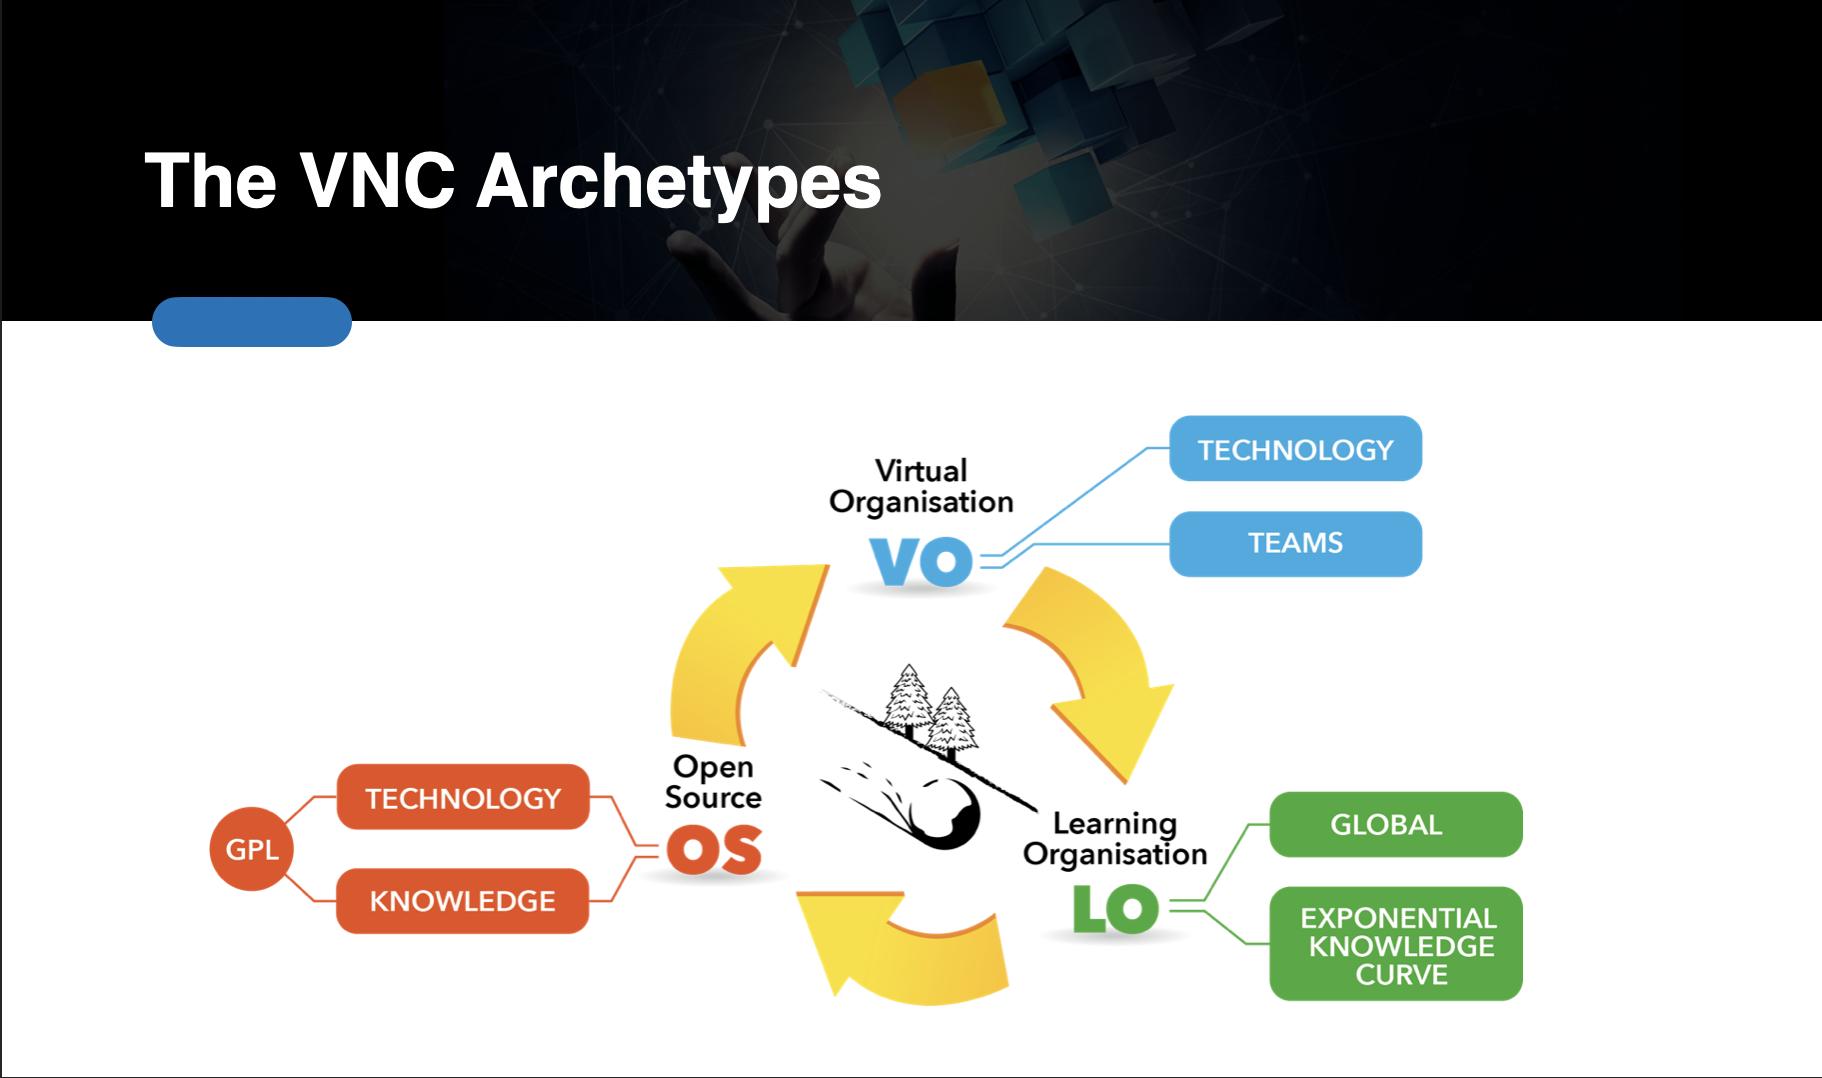 vnc archetypes